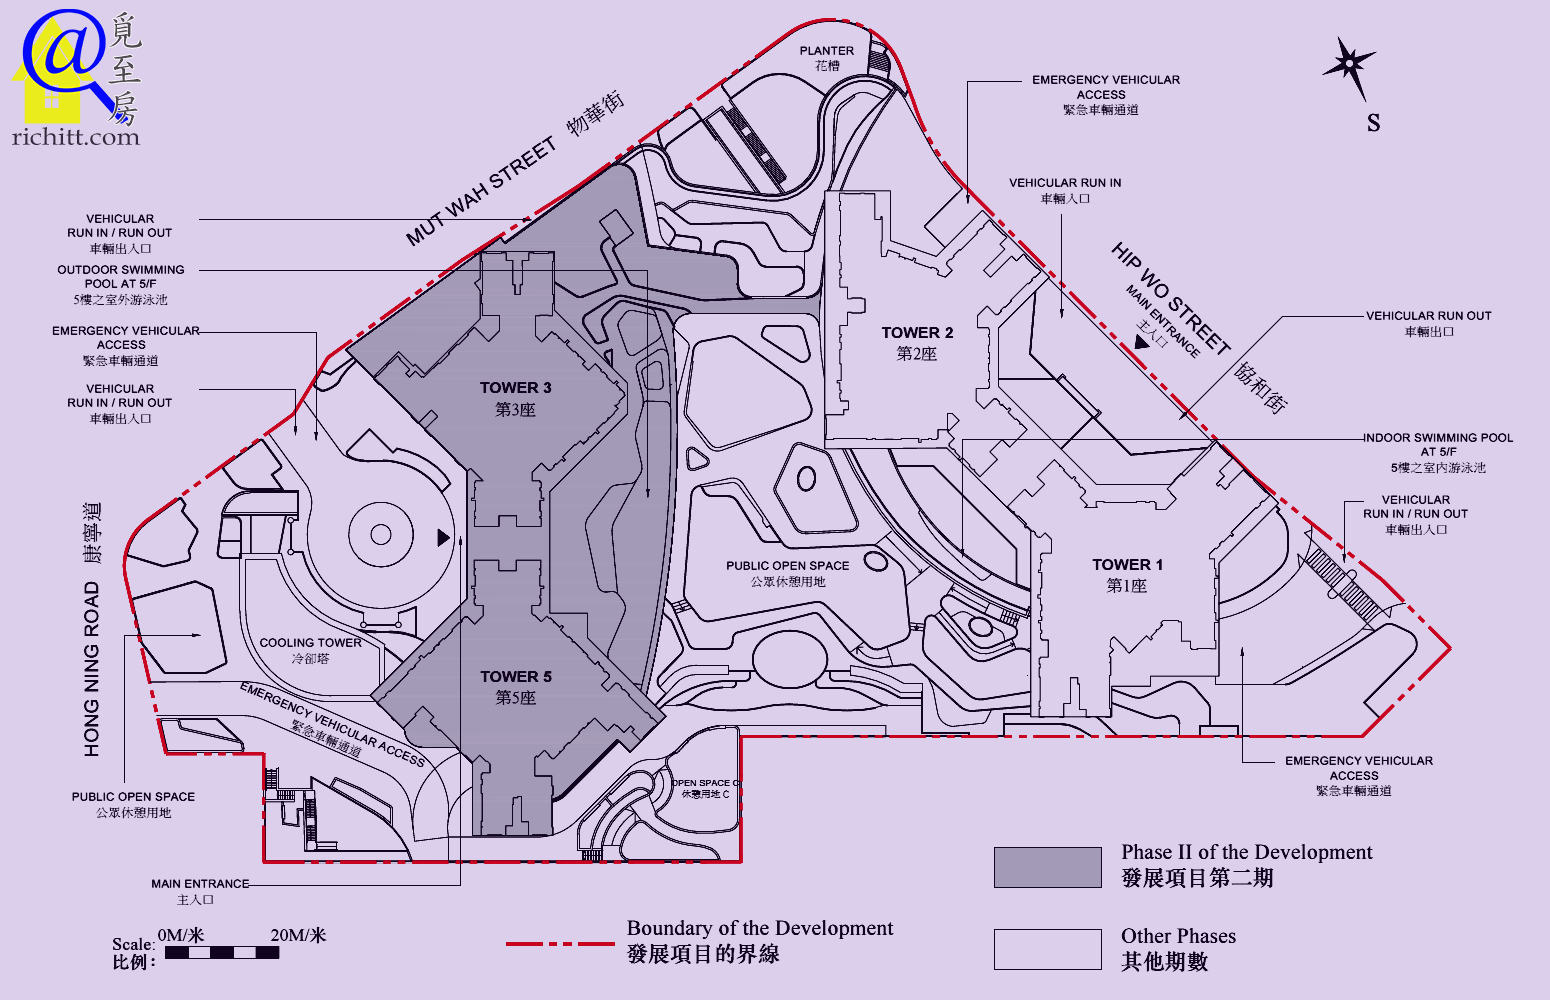 凱滙第二期佈局圖